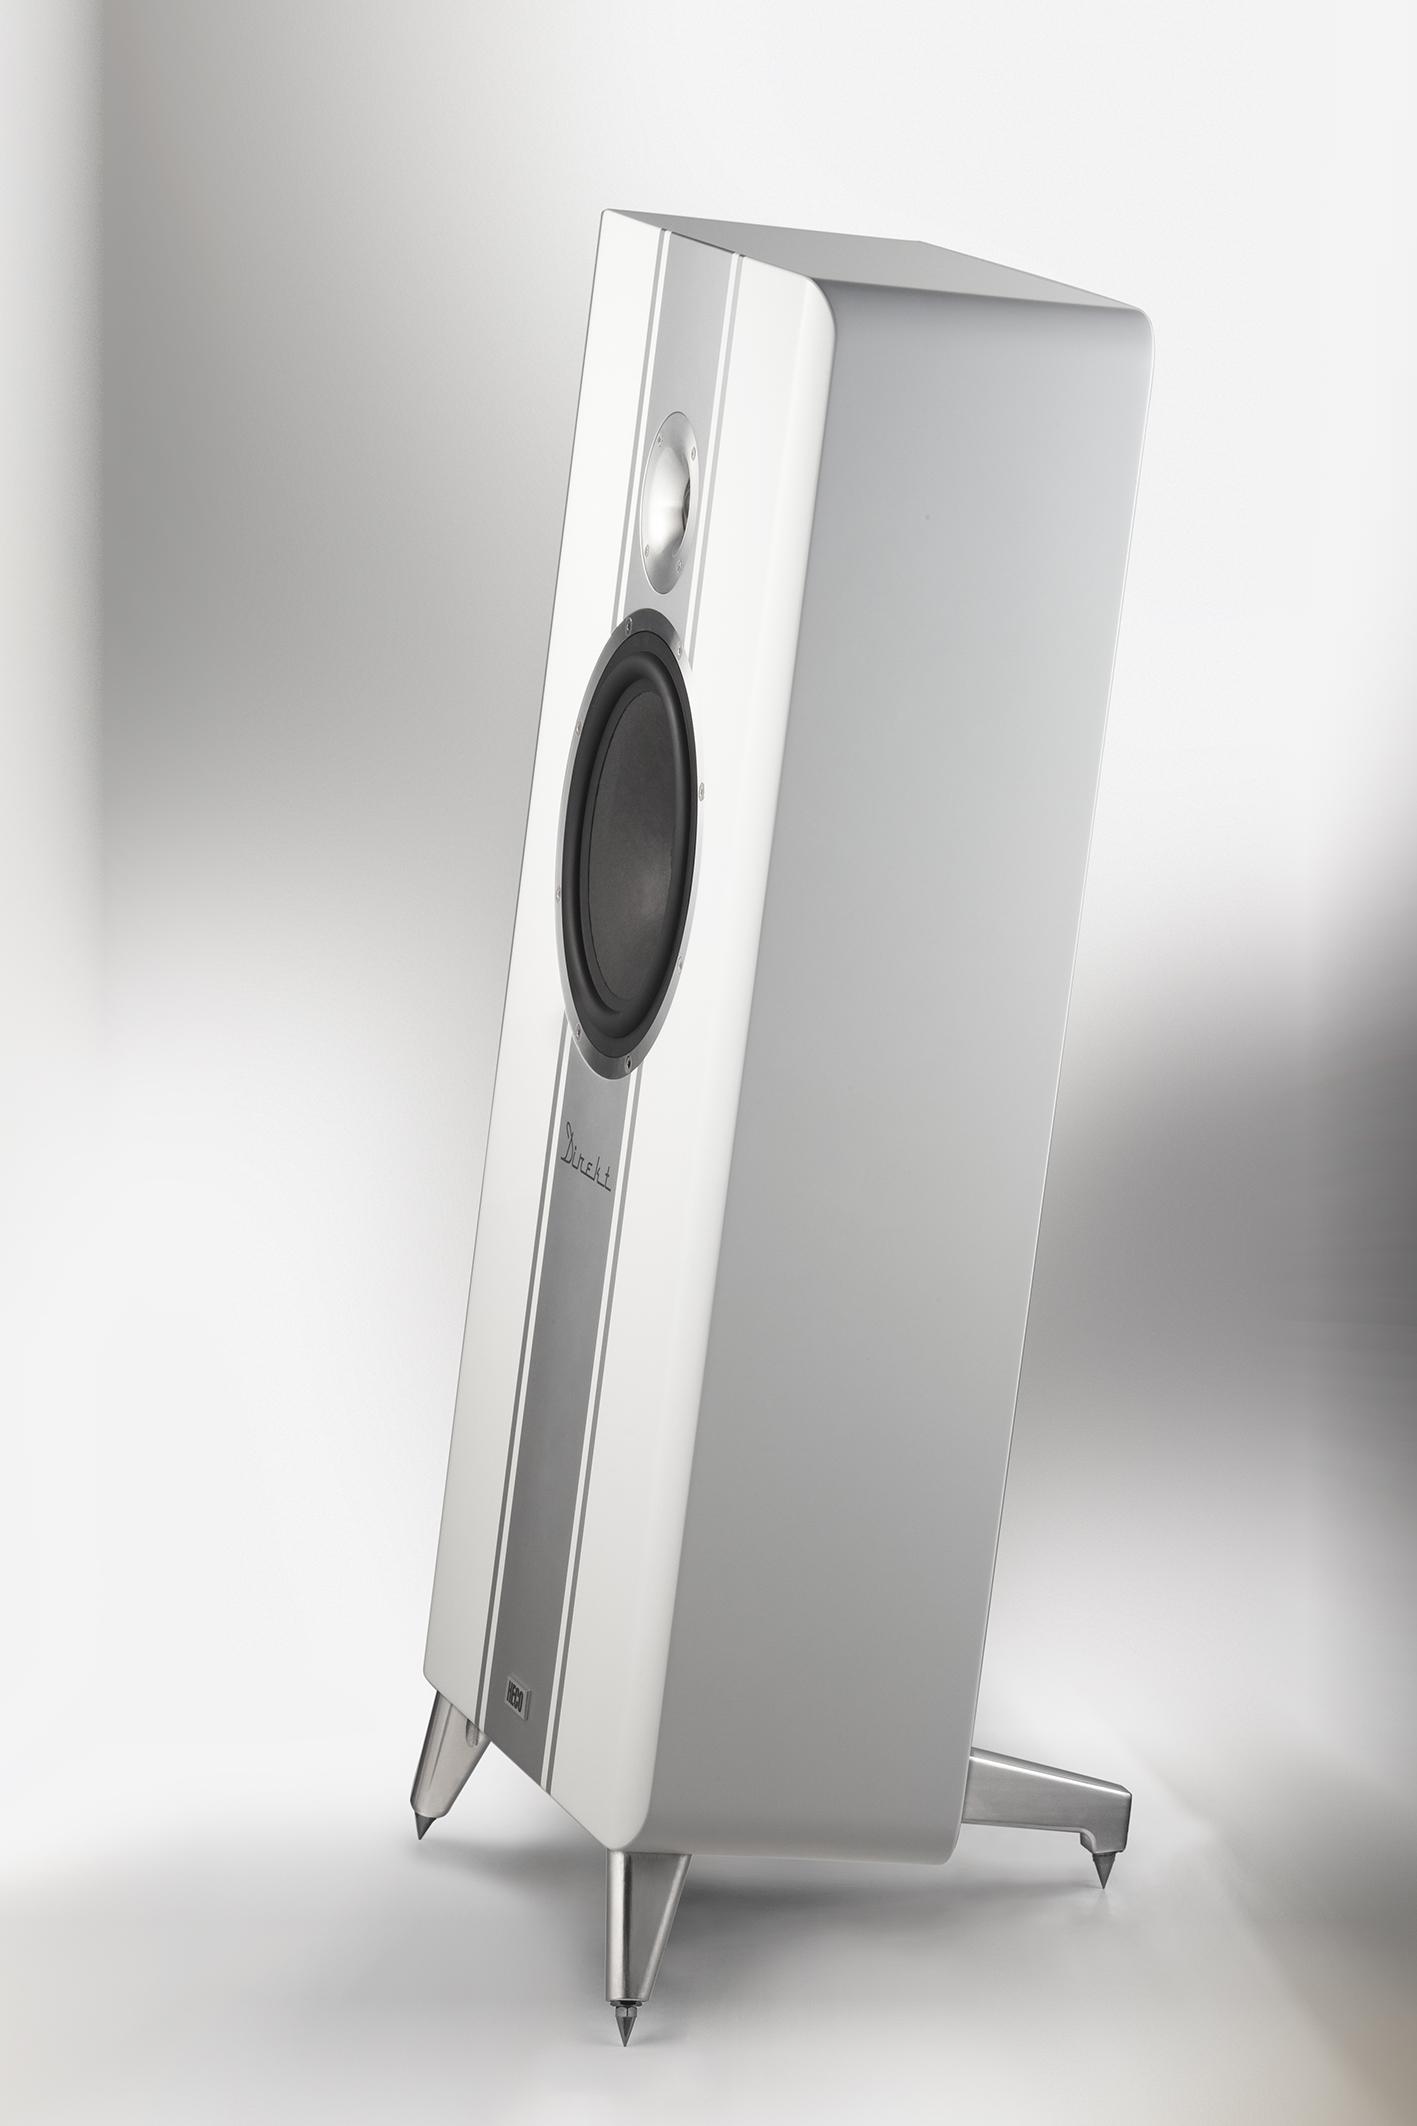 Heco Direkt Lautsprecher